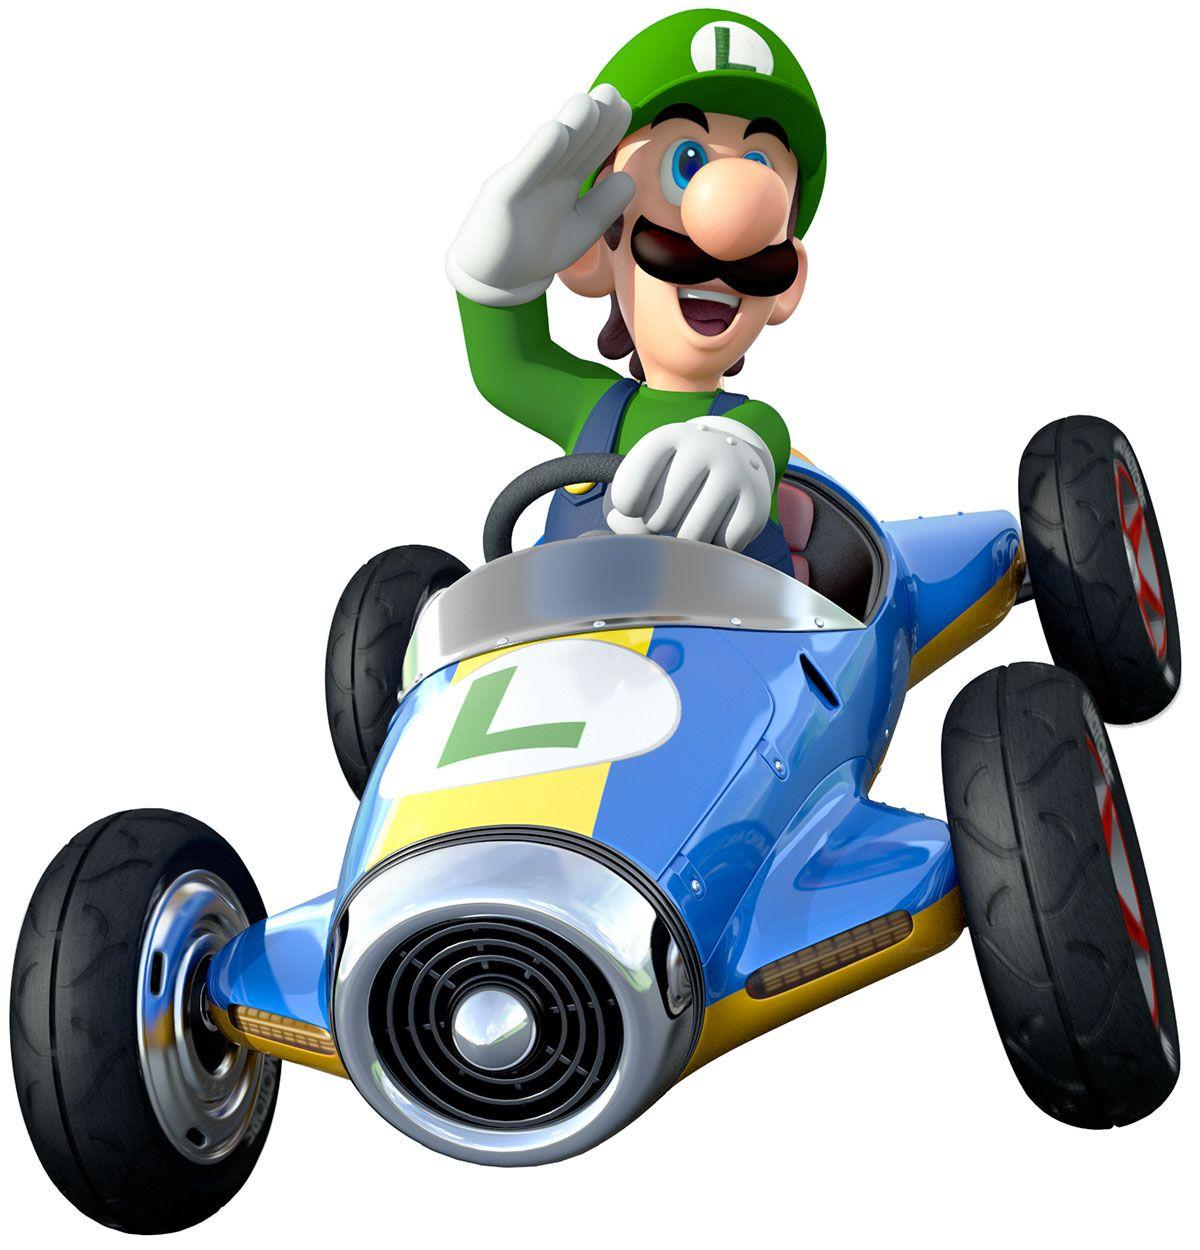 Donkey kong mario kart wii car tuning - Luigi Mario Kart 8 Nintendo Wiiu